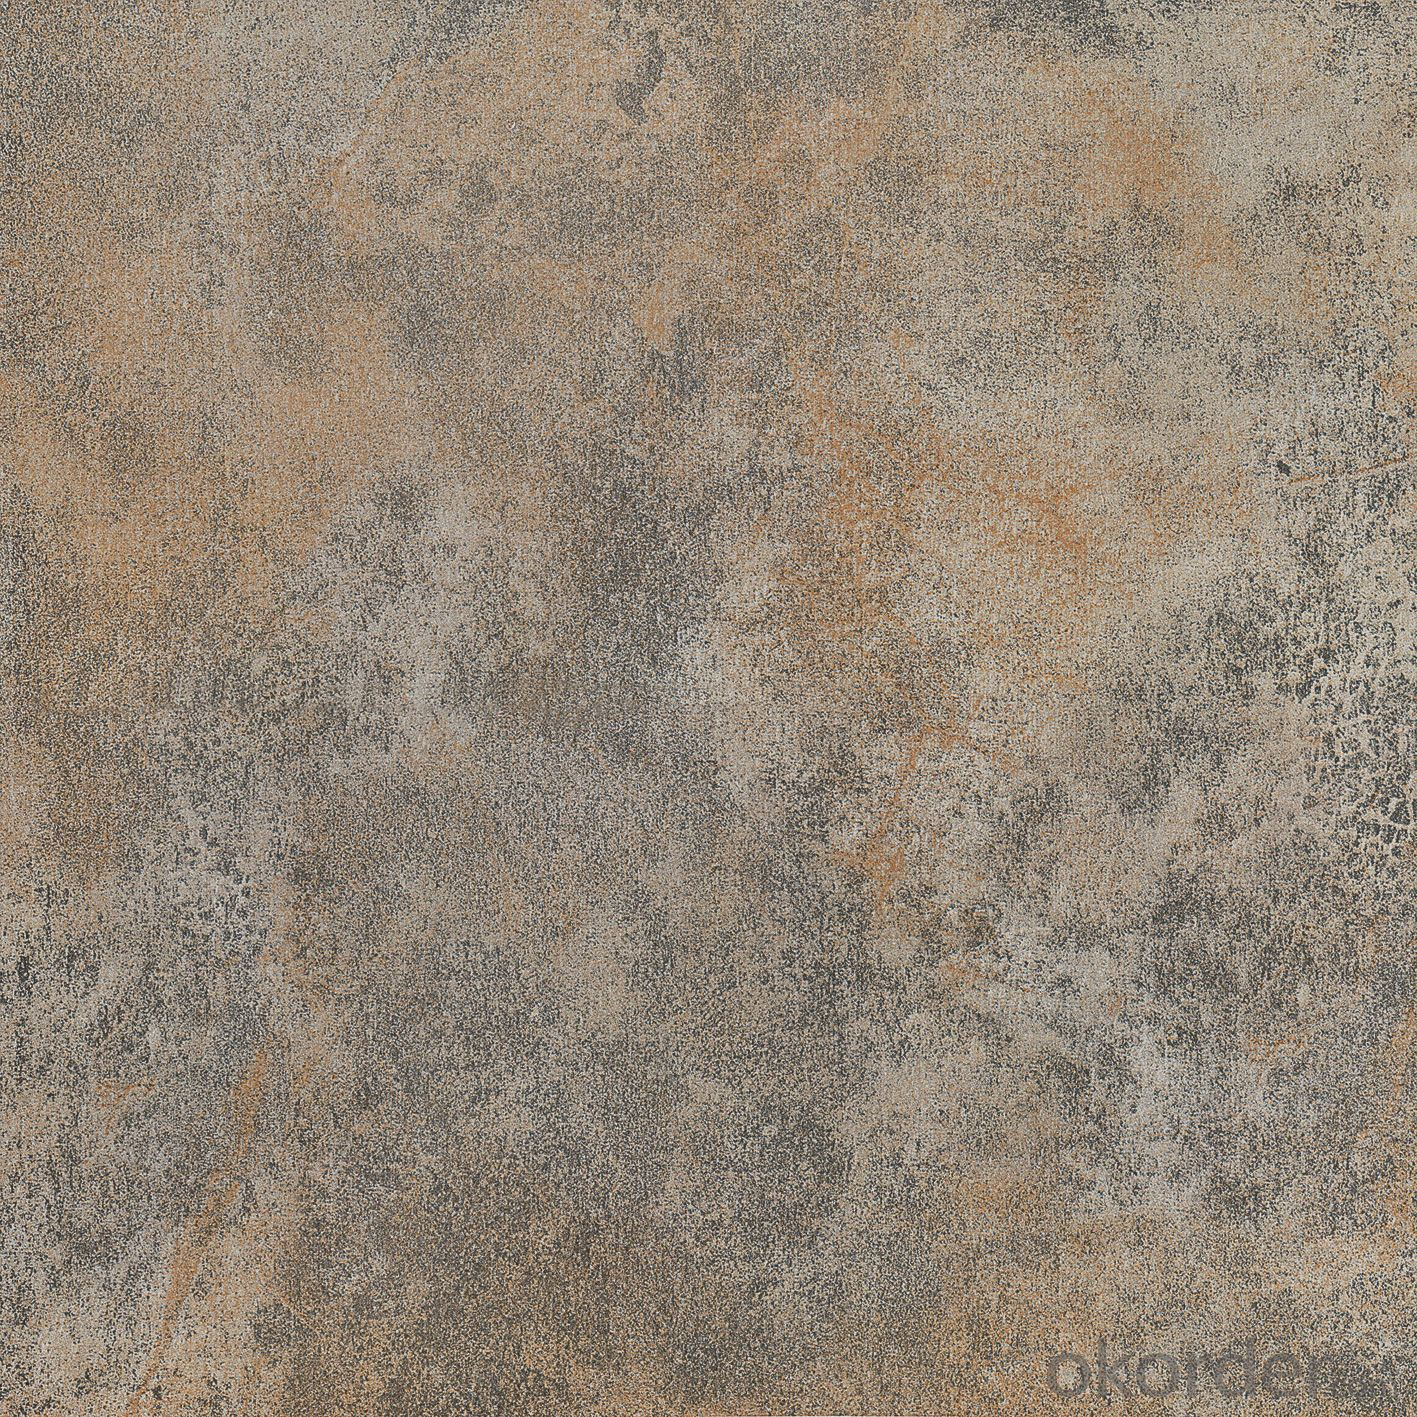 Glazed Porcelain Floor Tile, Sandstone Serie, CMAX-LH6025